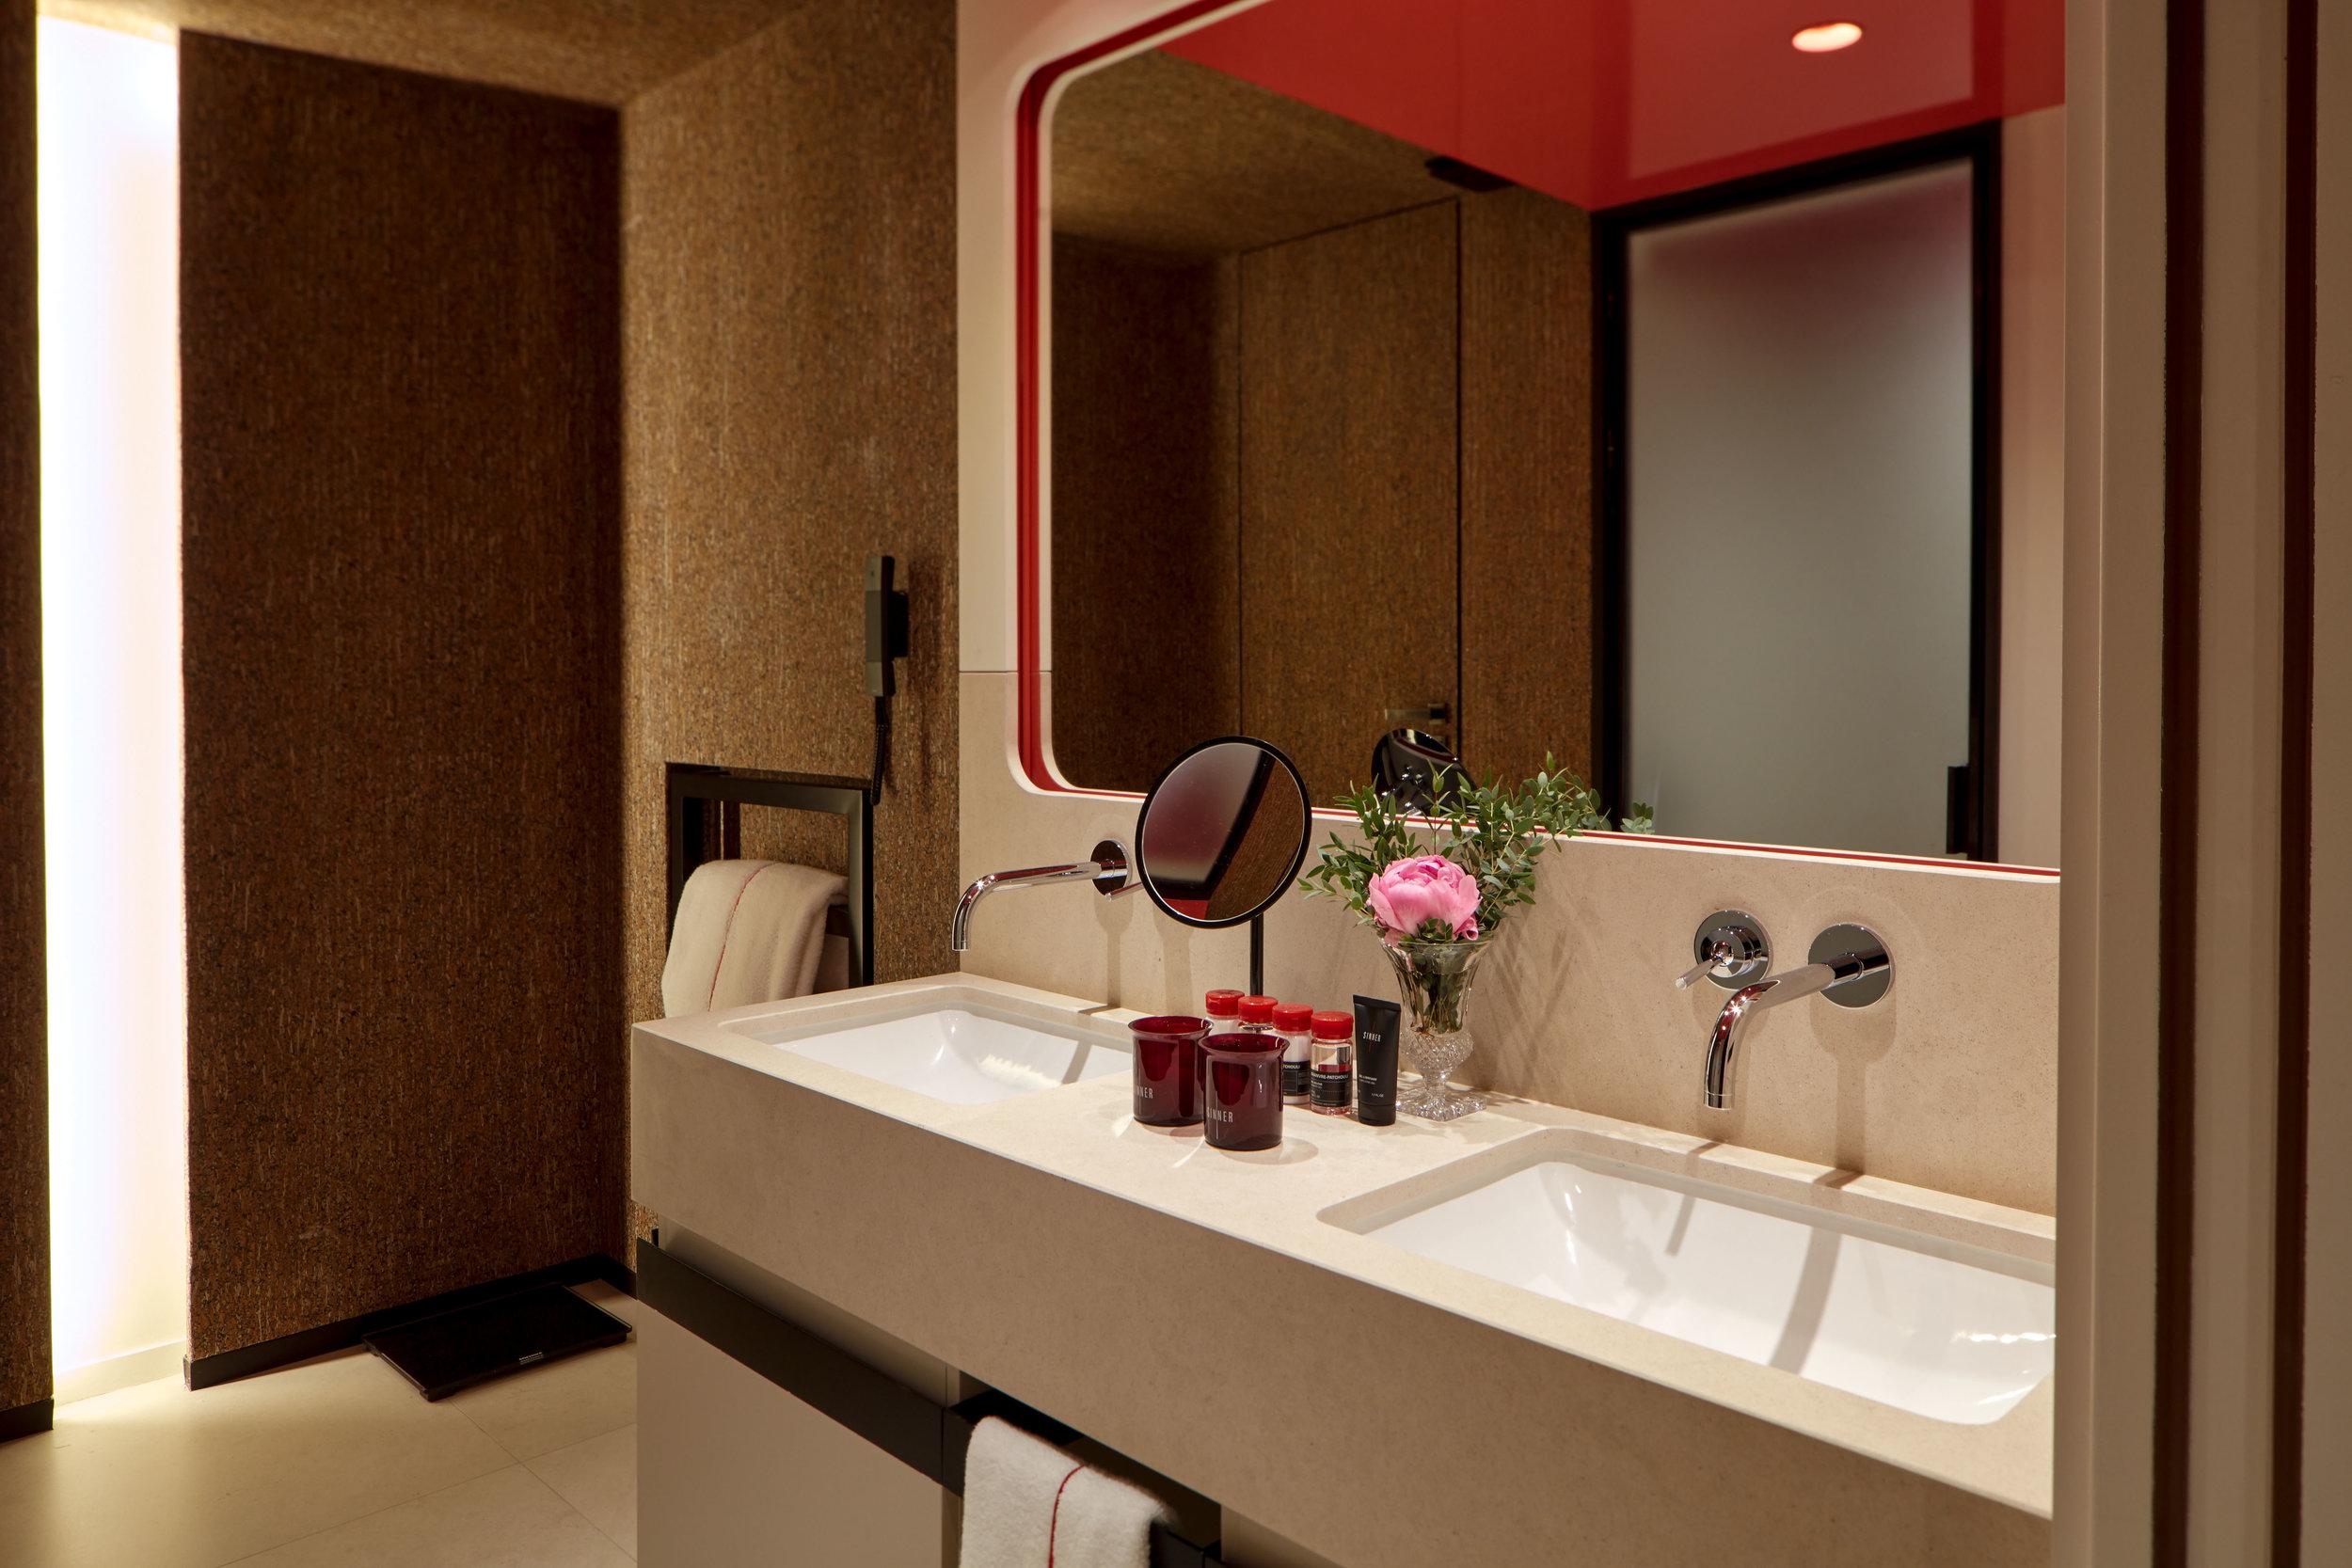 36 - Bathroom Nicolas_Receveur.jpg